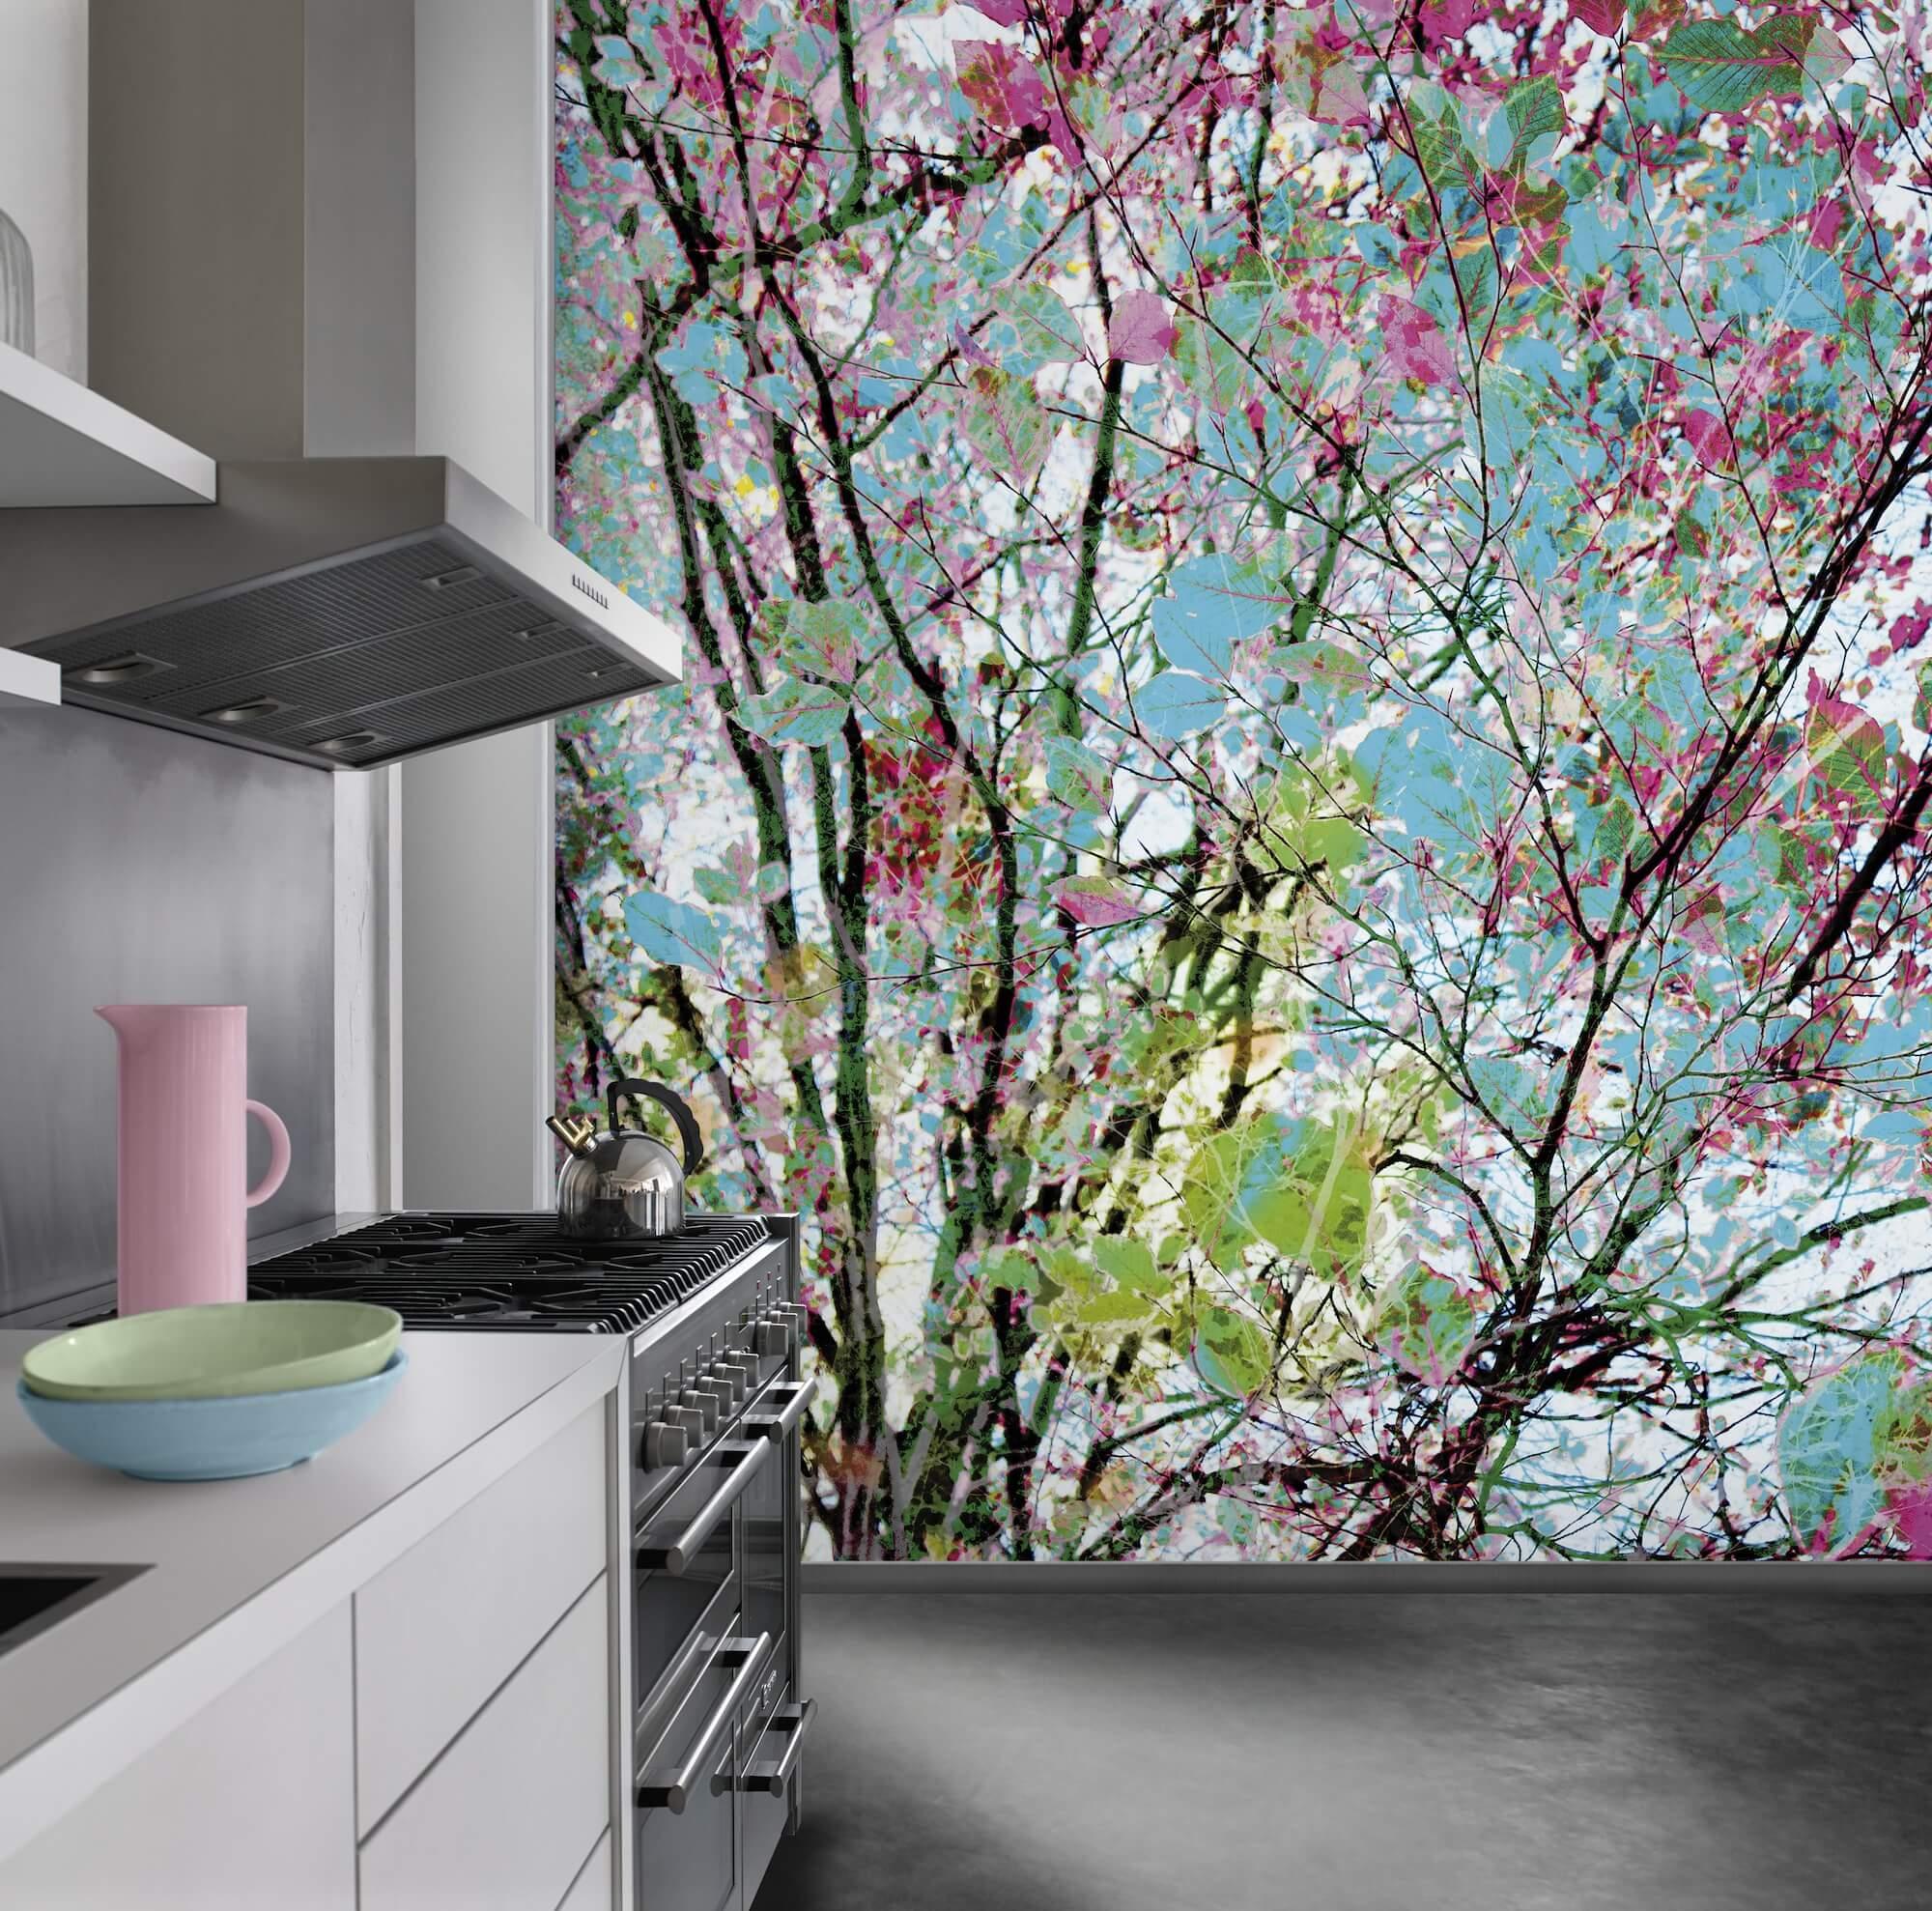 Full Size of 3d Tapeten Für Die Küche Fototapeten Wohnzimmer Ideen Schlafzimmer Wohnzimmer 3d Tapeten